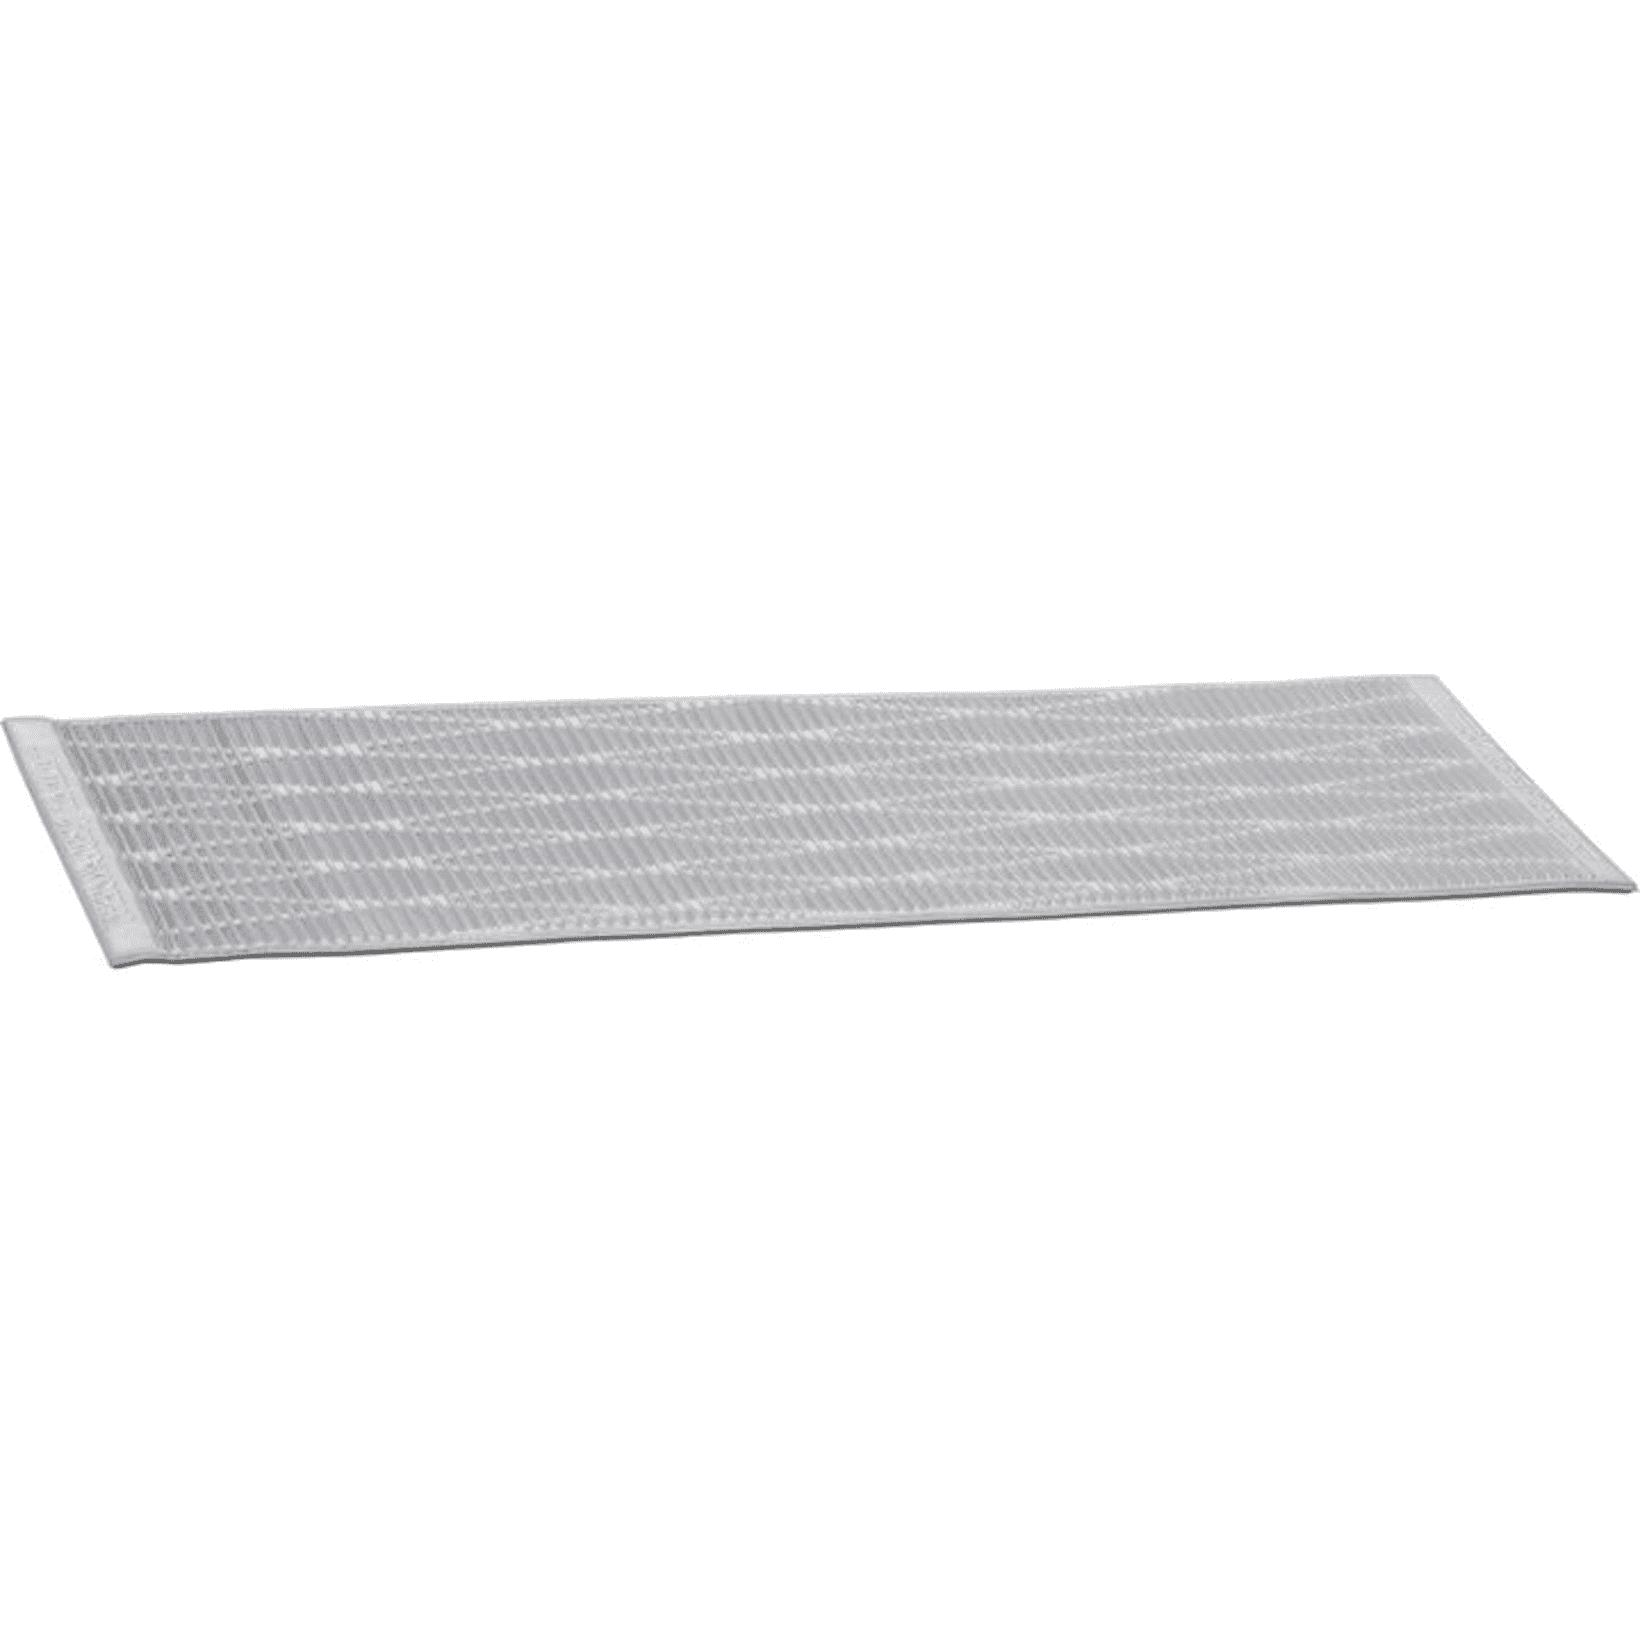 RidgeRest Foam Sleeping Mat